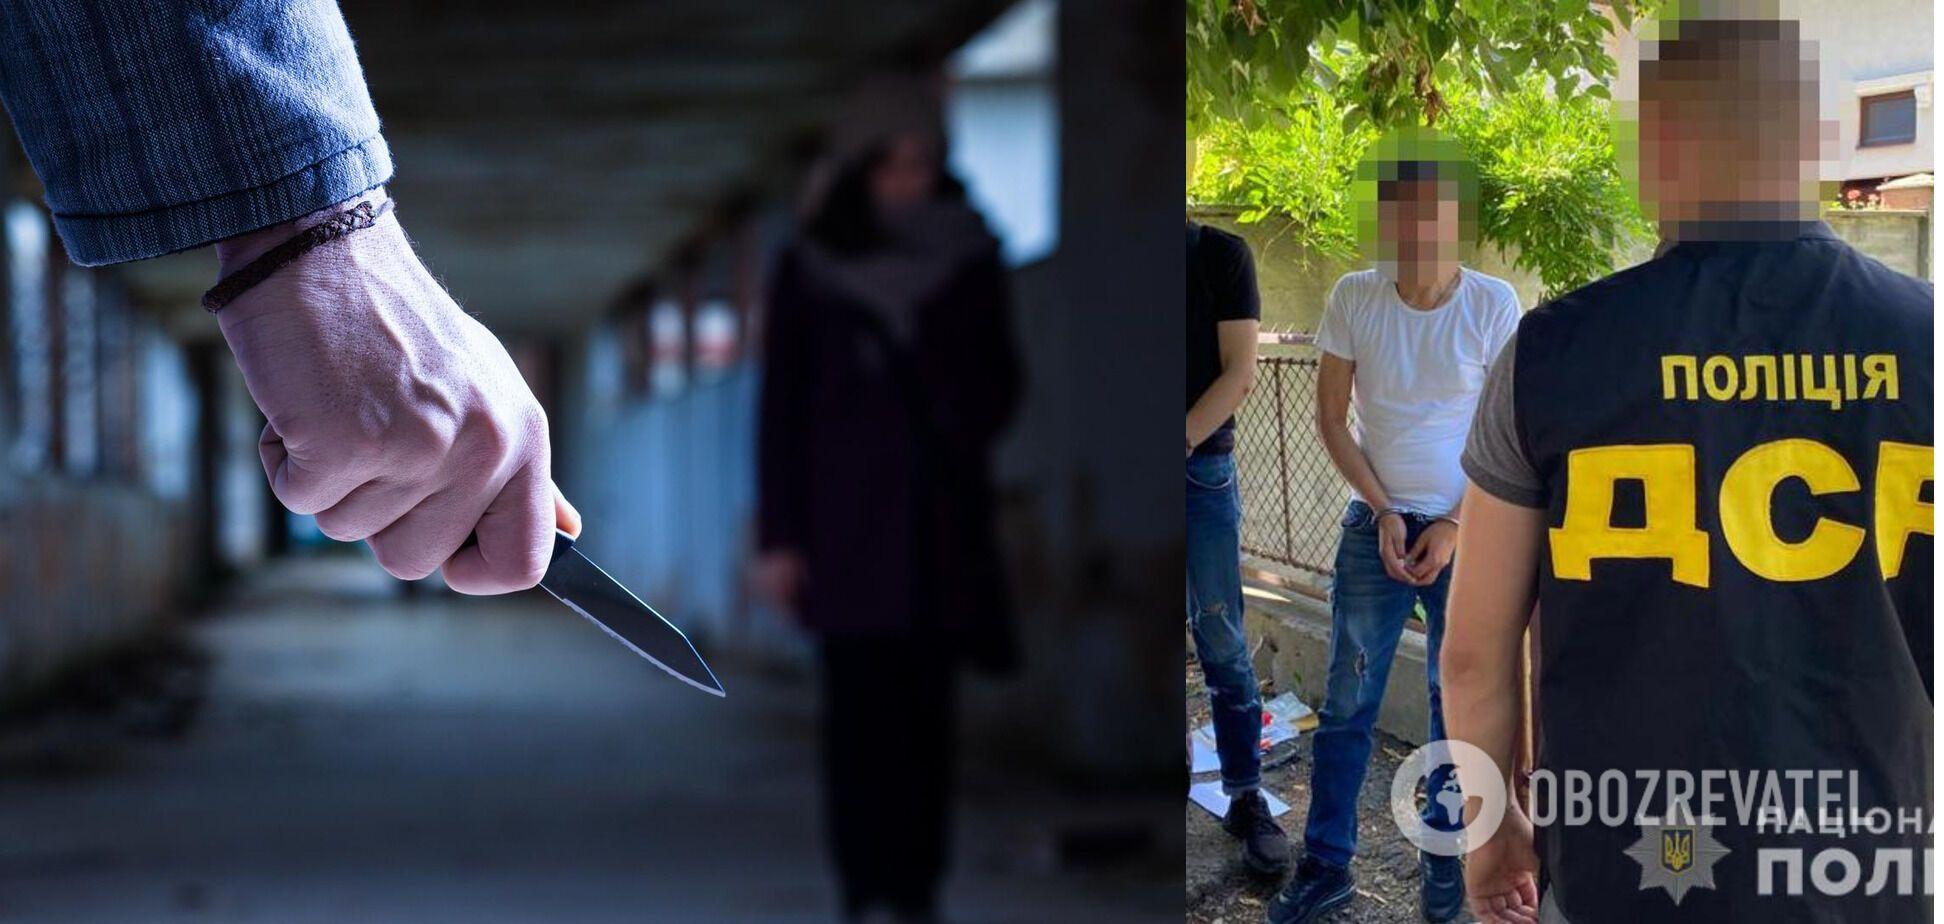 На Закарпатті затримали банду серійних грабіжників, які орудували в різних регіонах. Фото